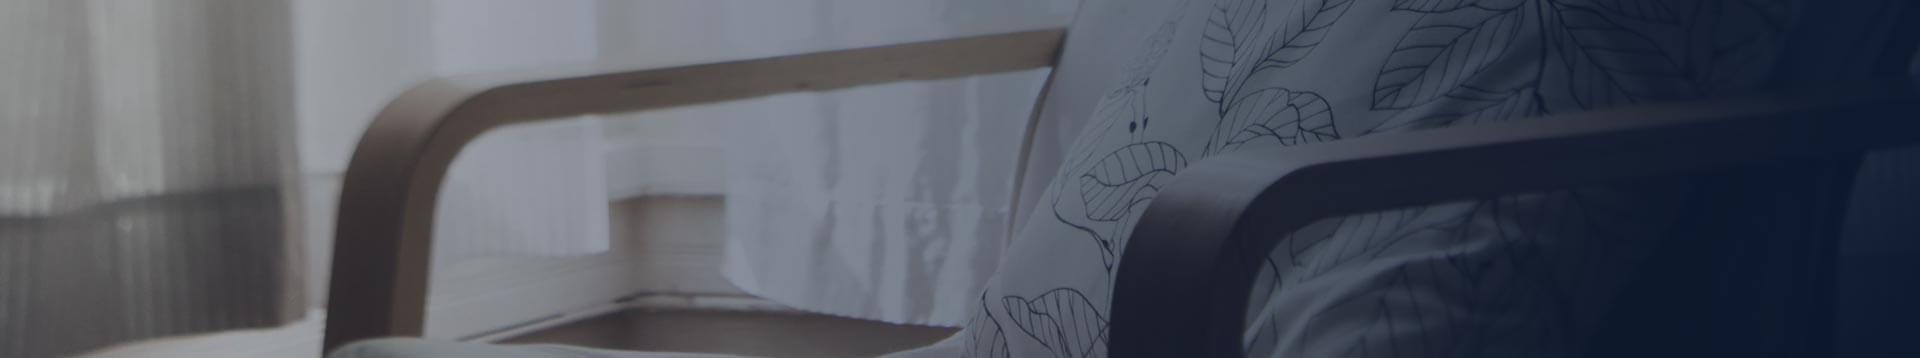 ▷ IKEA online Finanzierung: bis € 1.500 in 10 Minuten | cashpresso